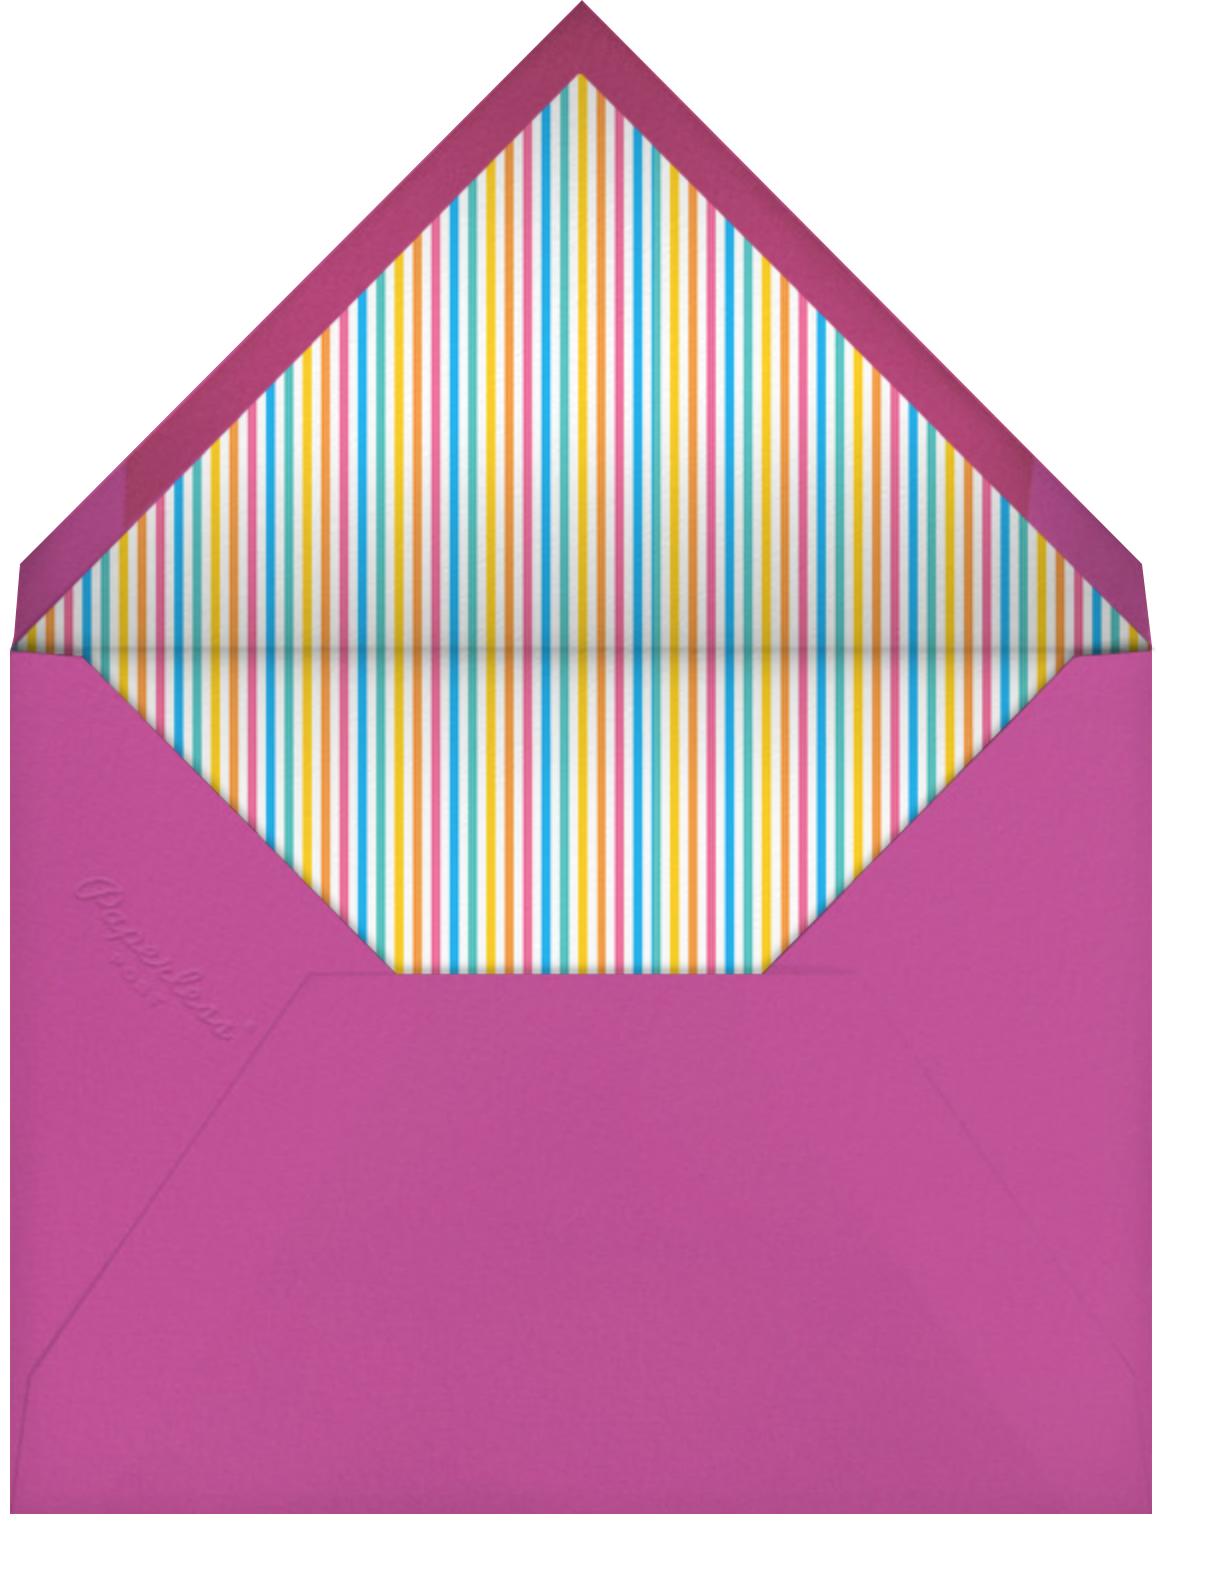 Sweet Treats for Allie (Photo) - Little Cube - Kids' birthday - envelope back